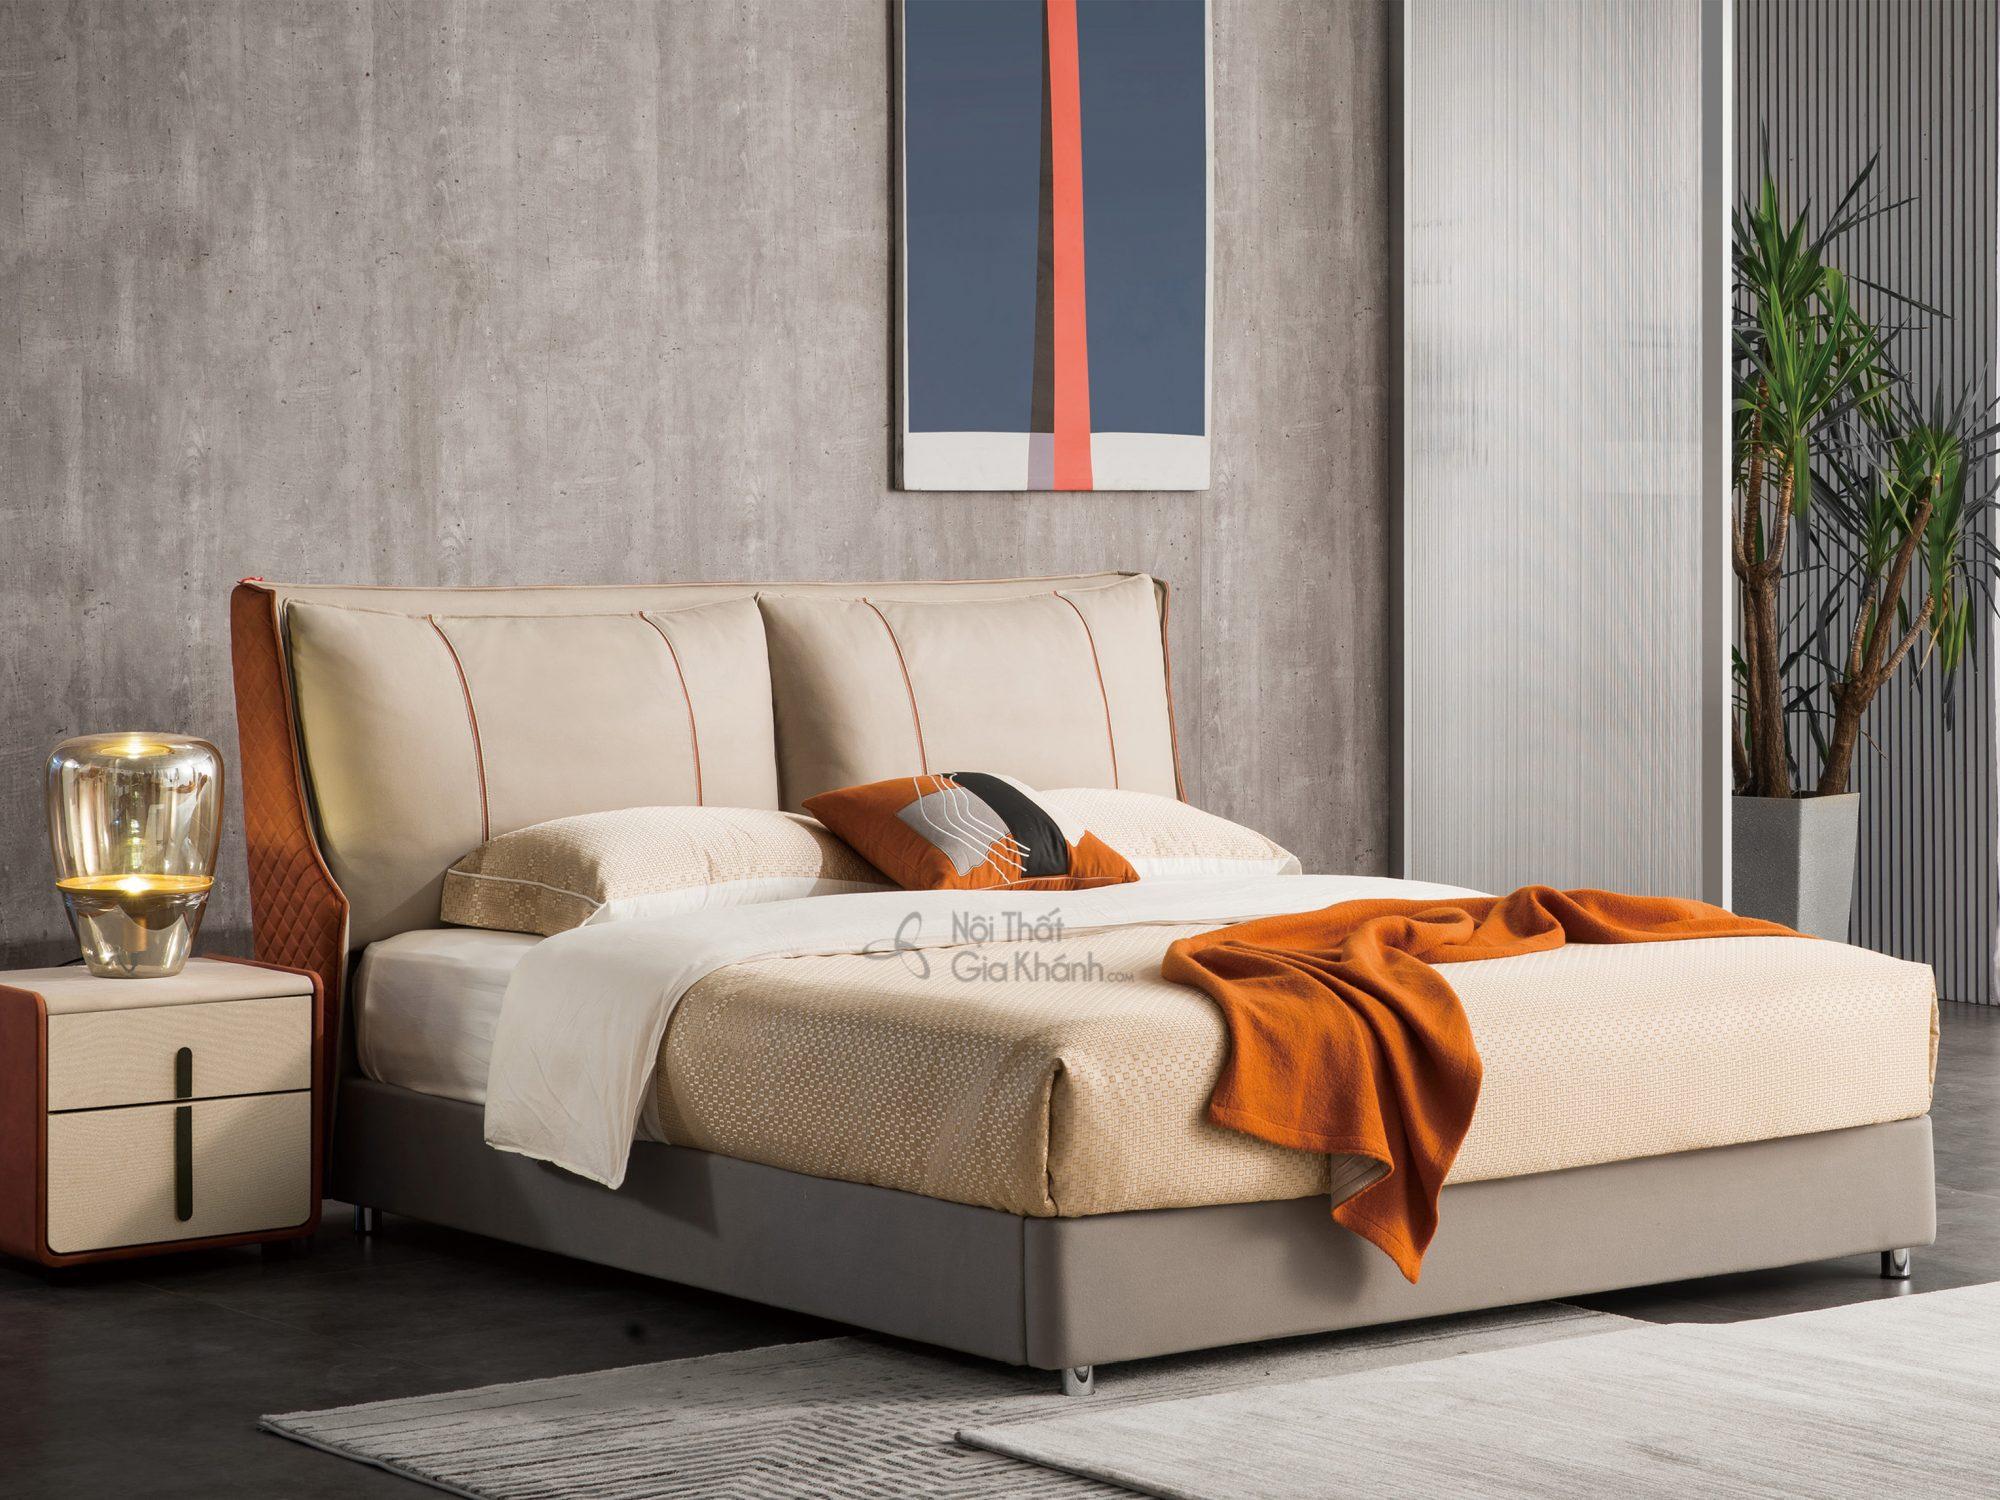 Giường hiện đại bọc vải 1m8*2m GILB600-18